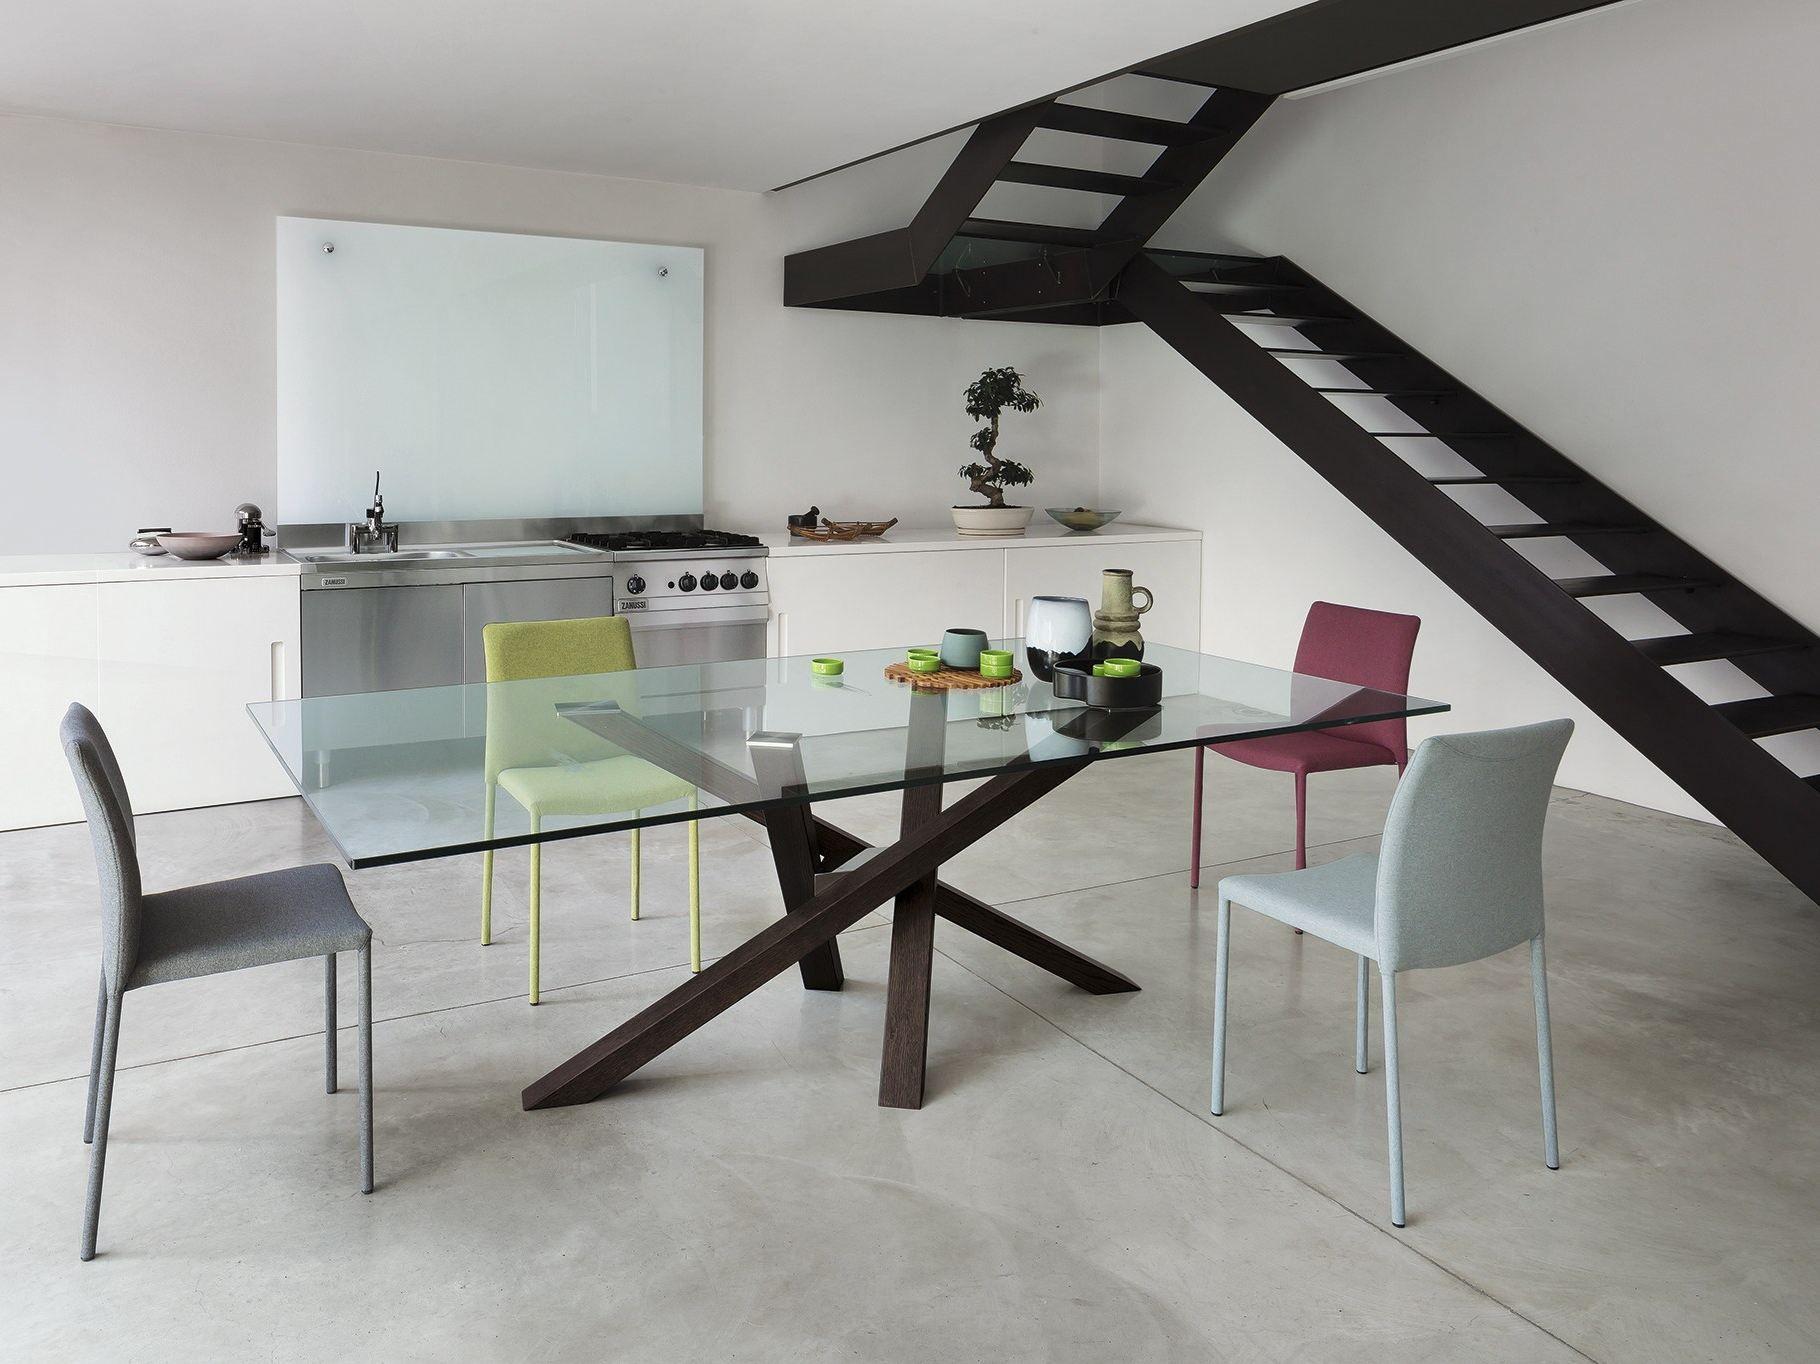 Tavoli in vetro da cucina tavoli legno design moderno - Epierre